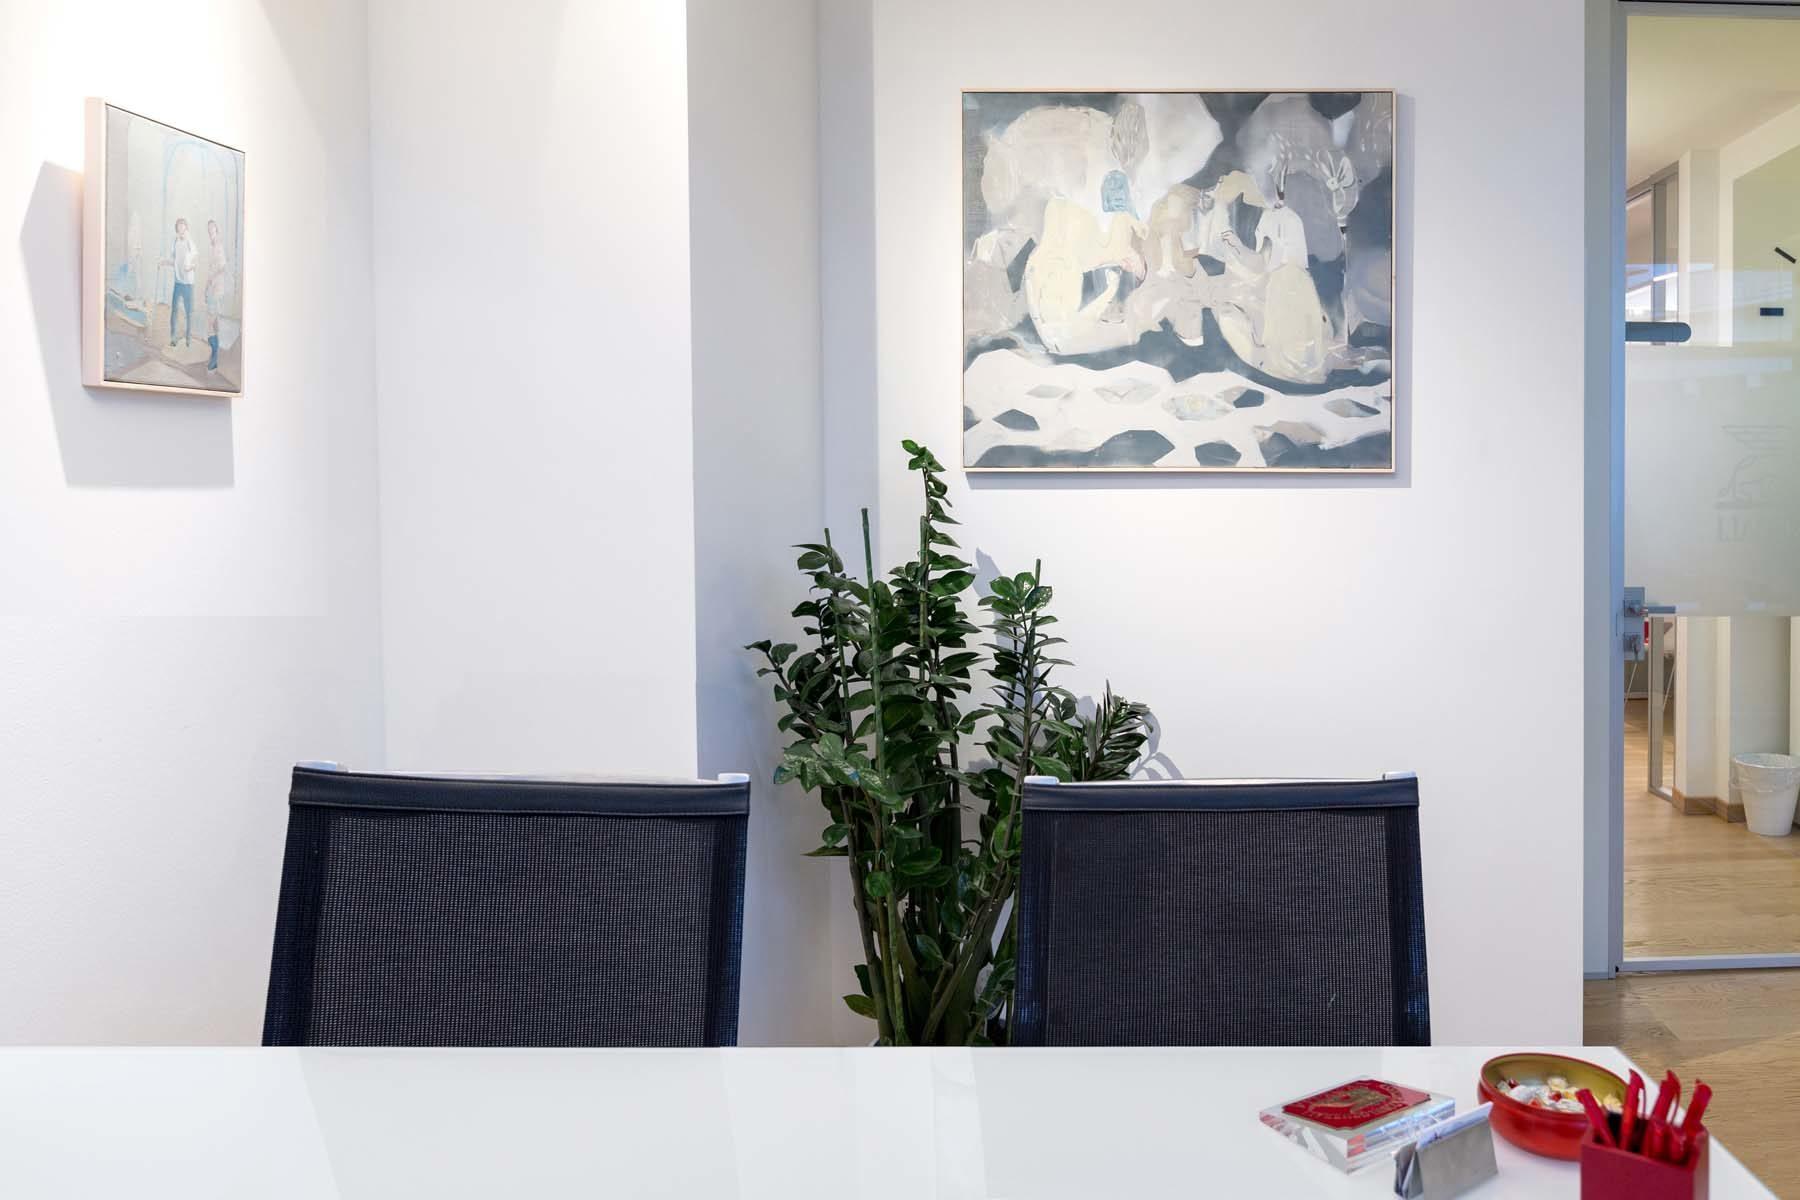 19. Raffaele Santillo, Pitture in attesa, vista della mostra, Ag. Generali, Pordenone, ph. N. Covre